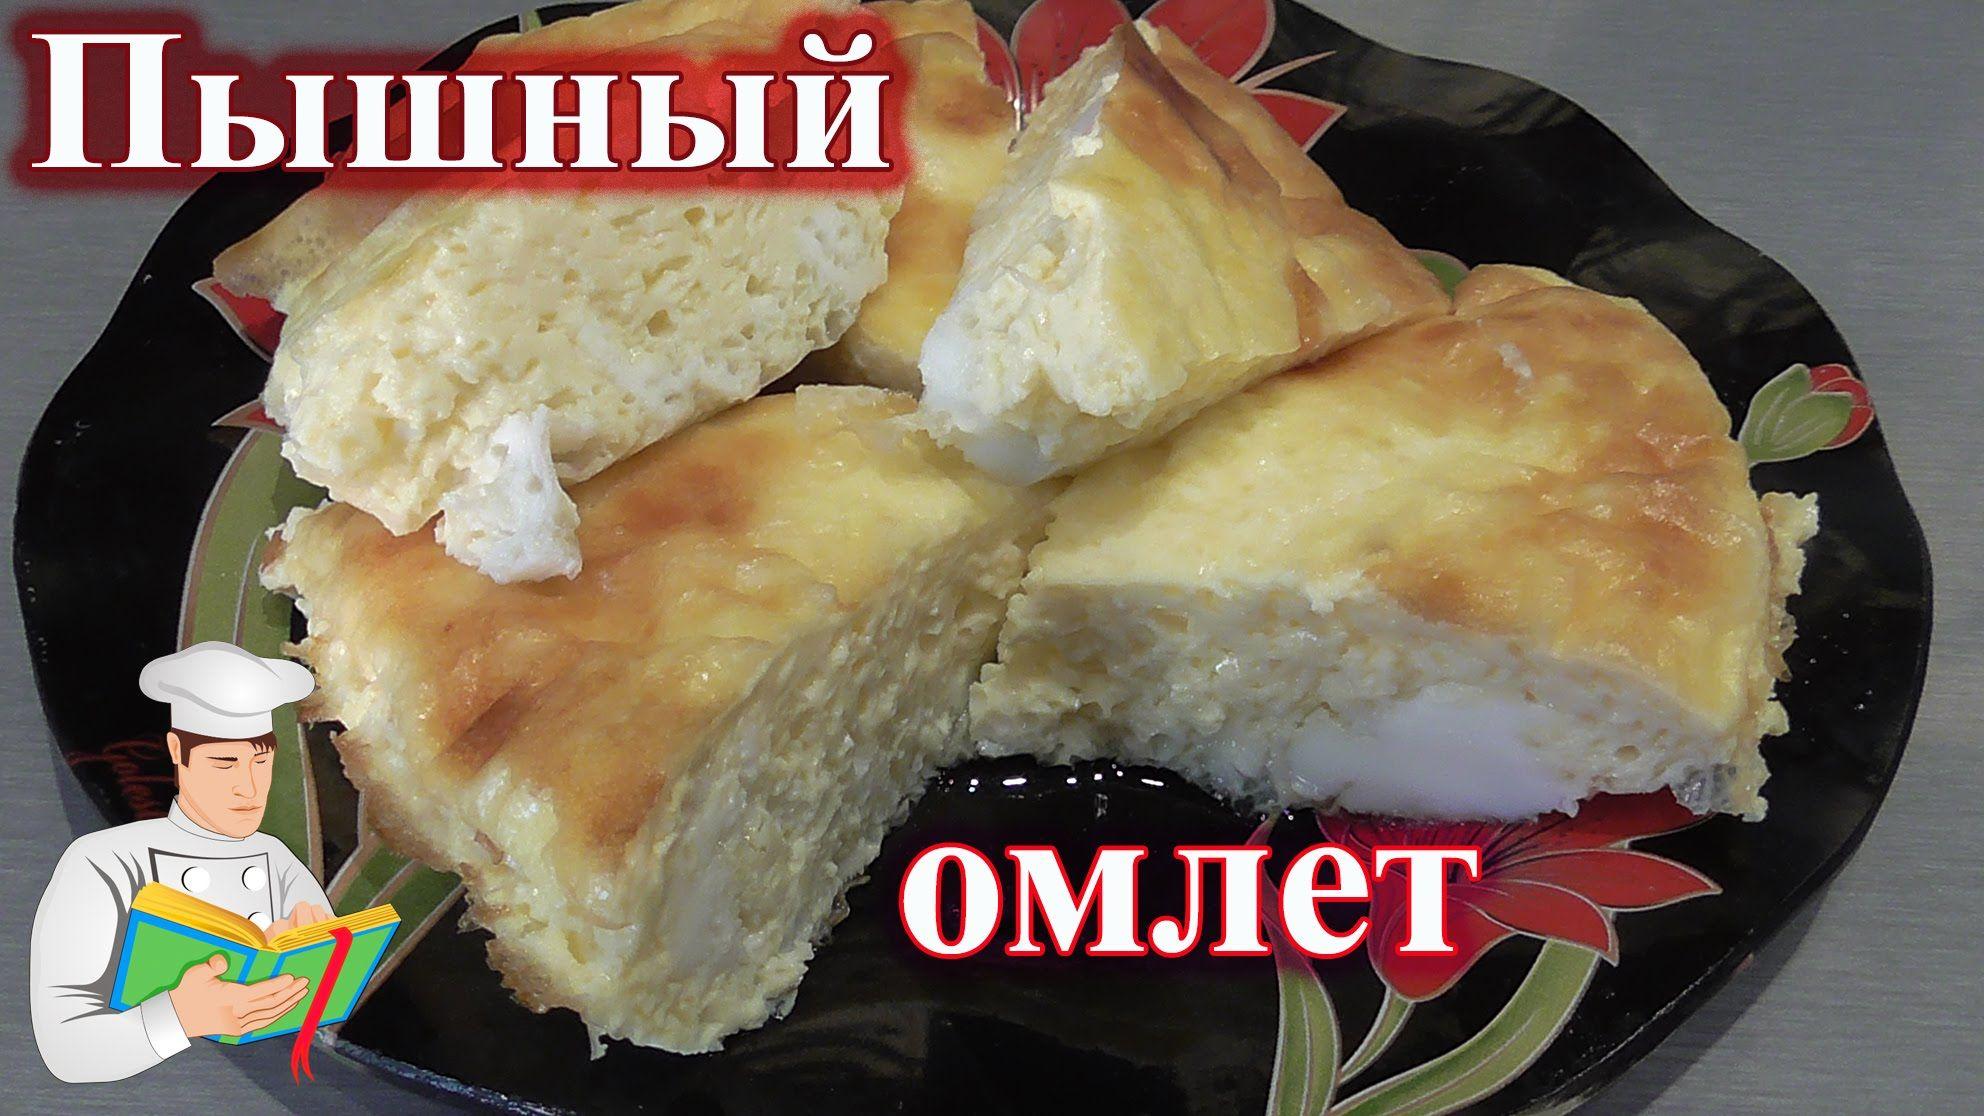 омлет рецепт с фото пышный на сковороде